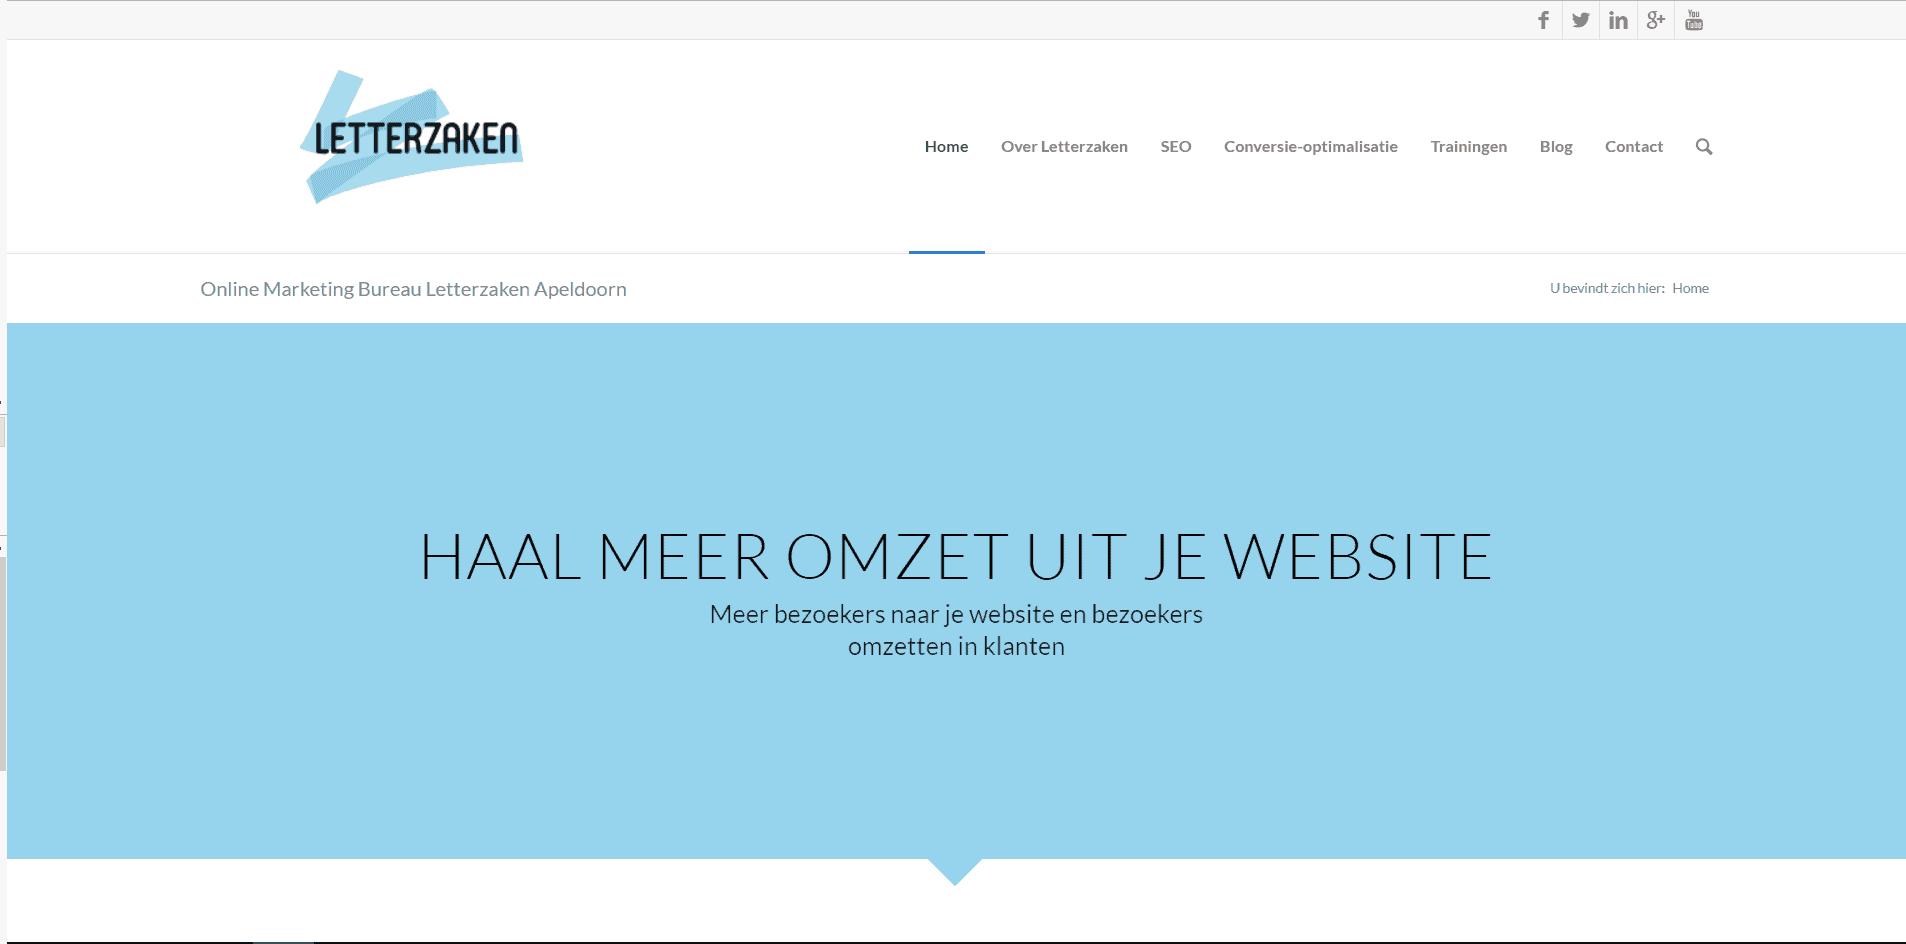 Homepagina mooi vormgegeven, maar niet effectief voor de bezoeker